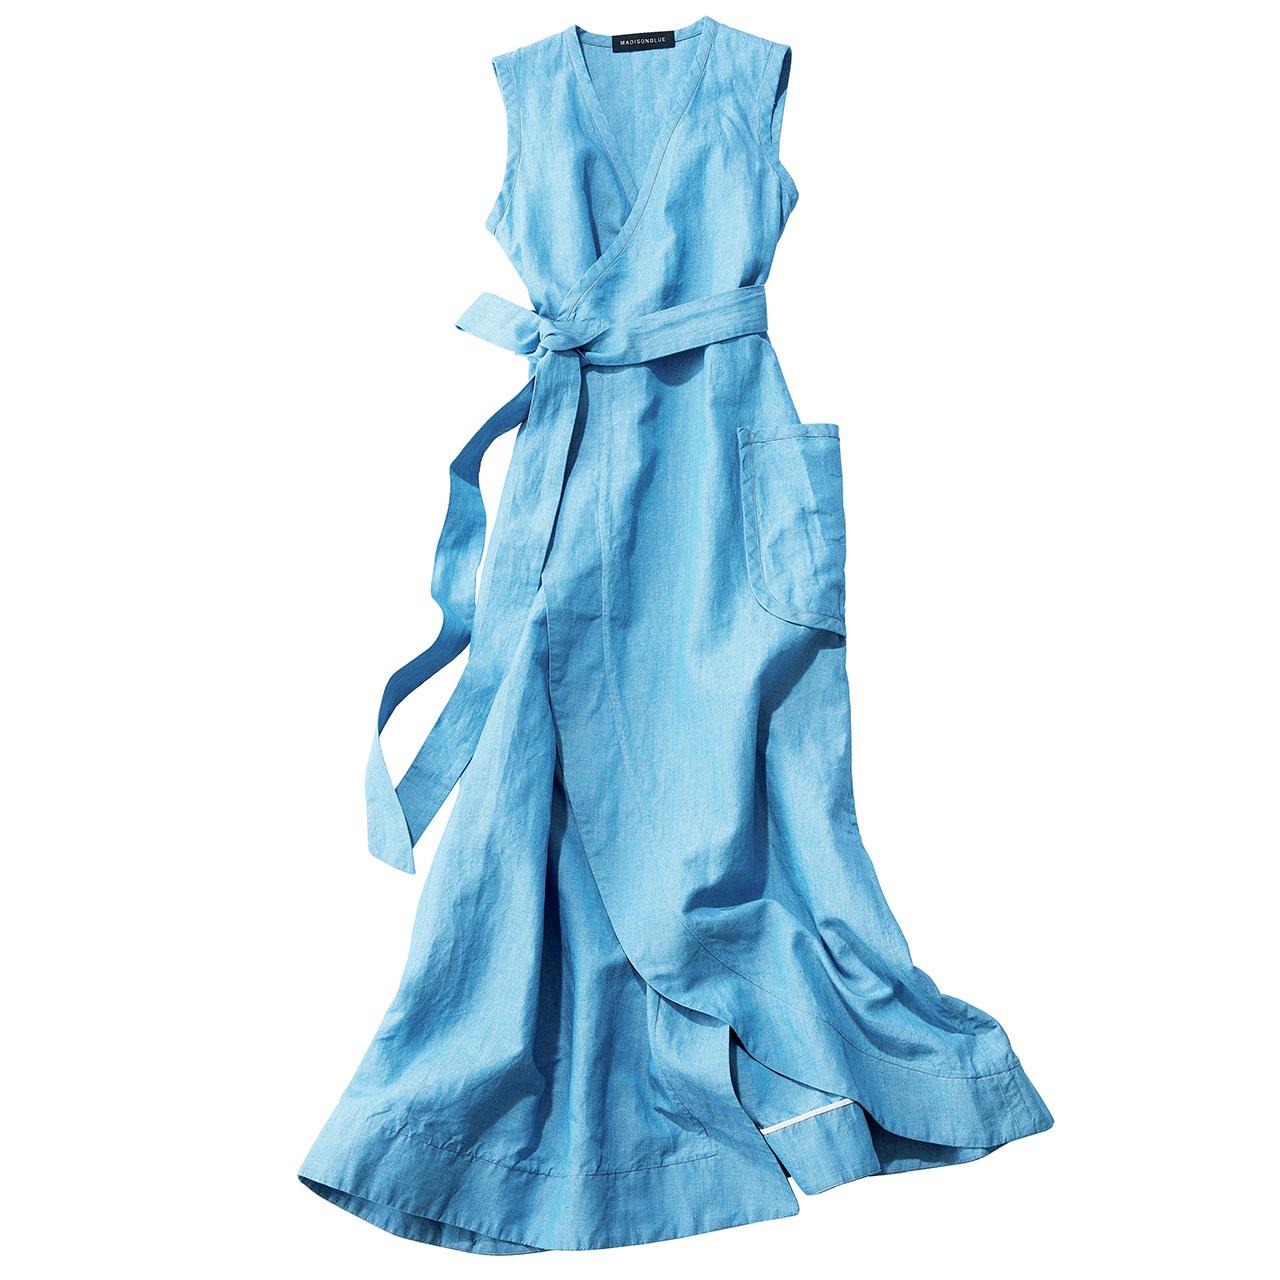 女らしさを軸に着回し力を発揮、エディター松井陽子さんの「春キープ服」 五選_1_1-1